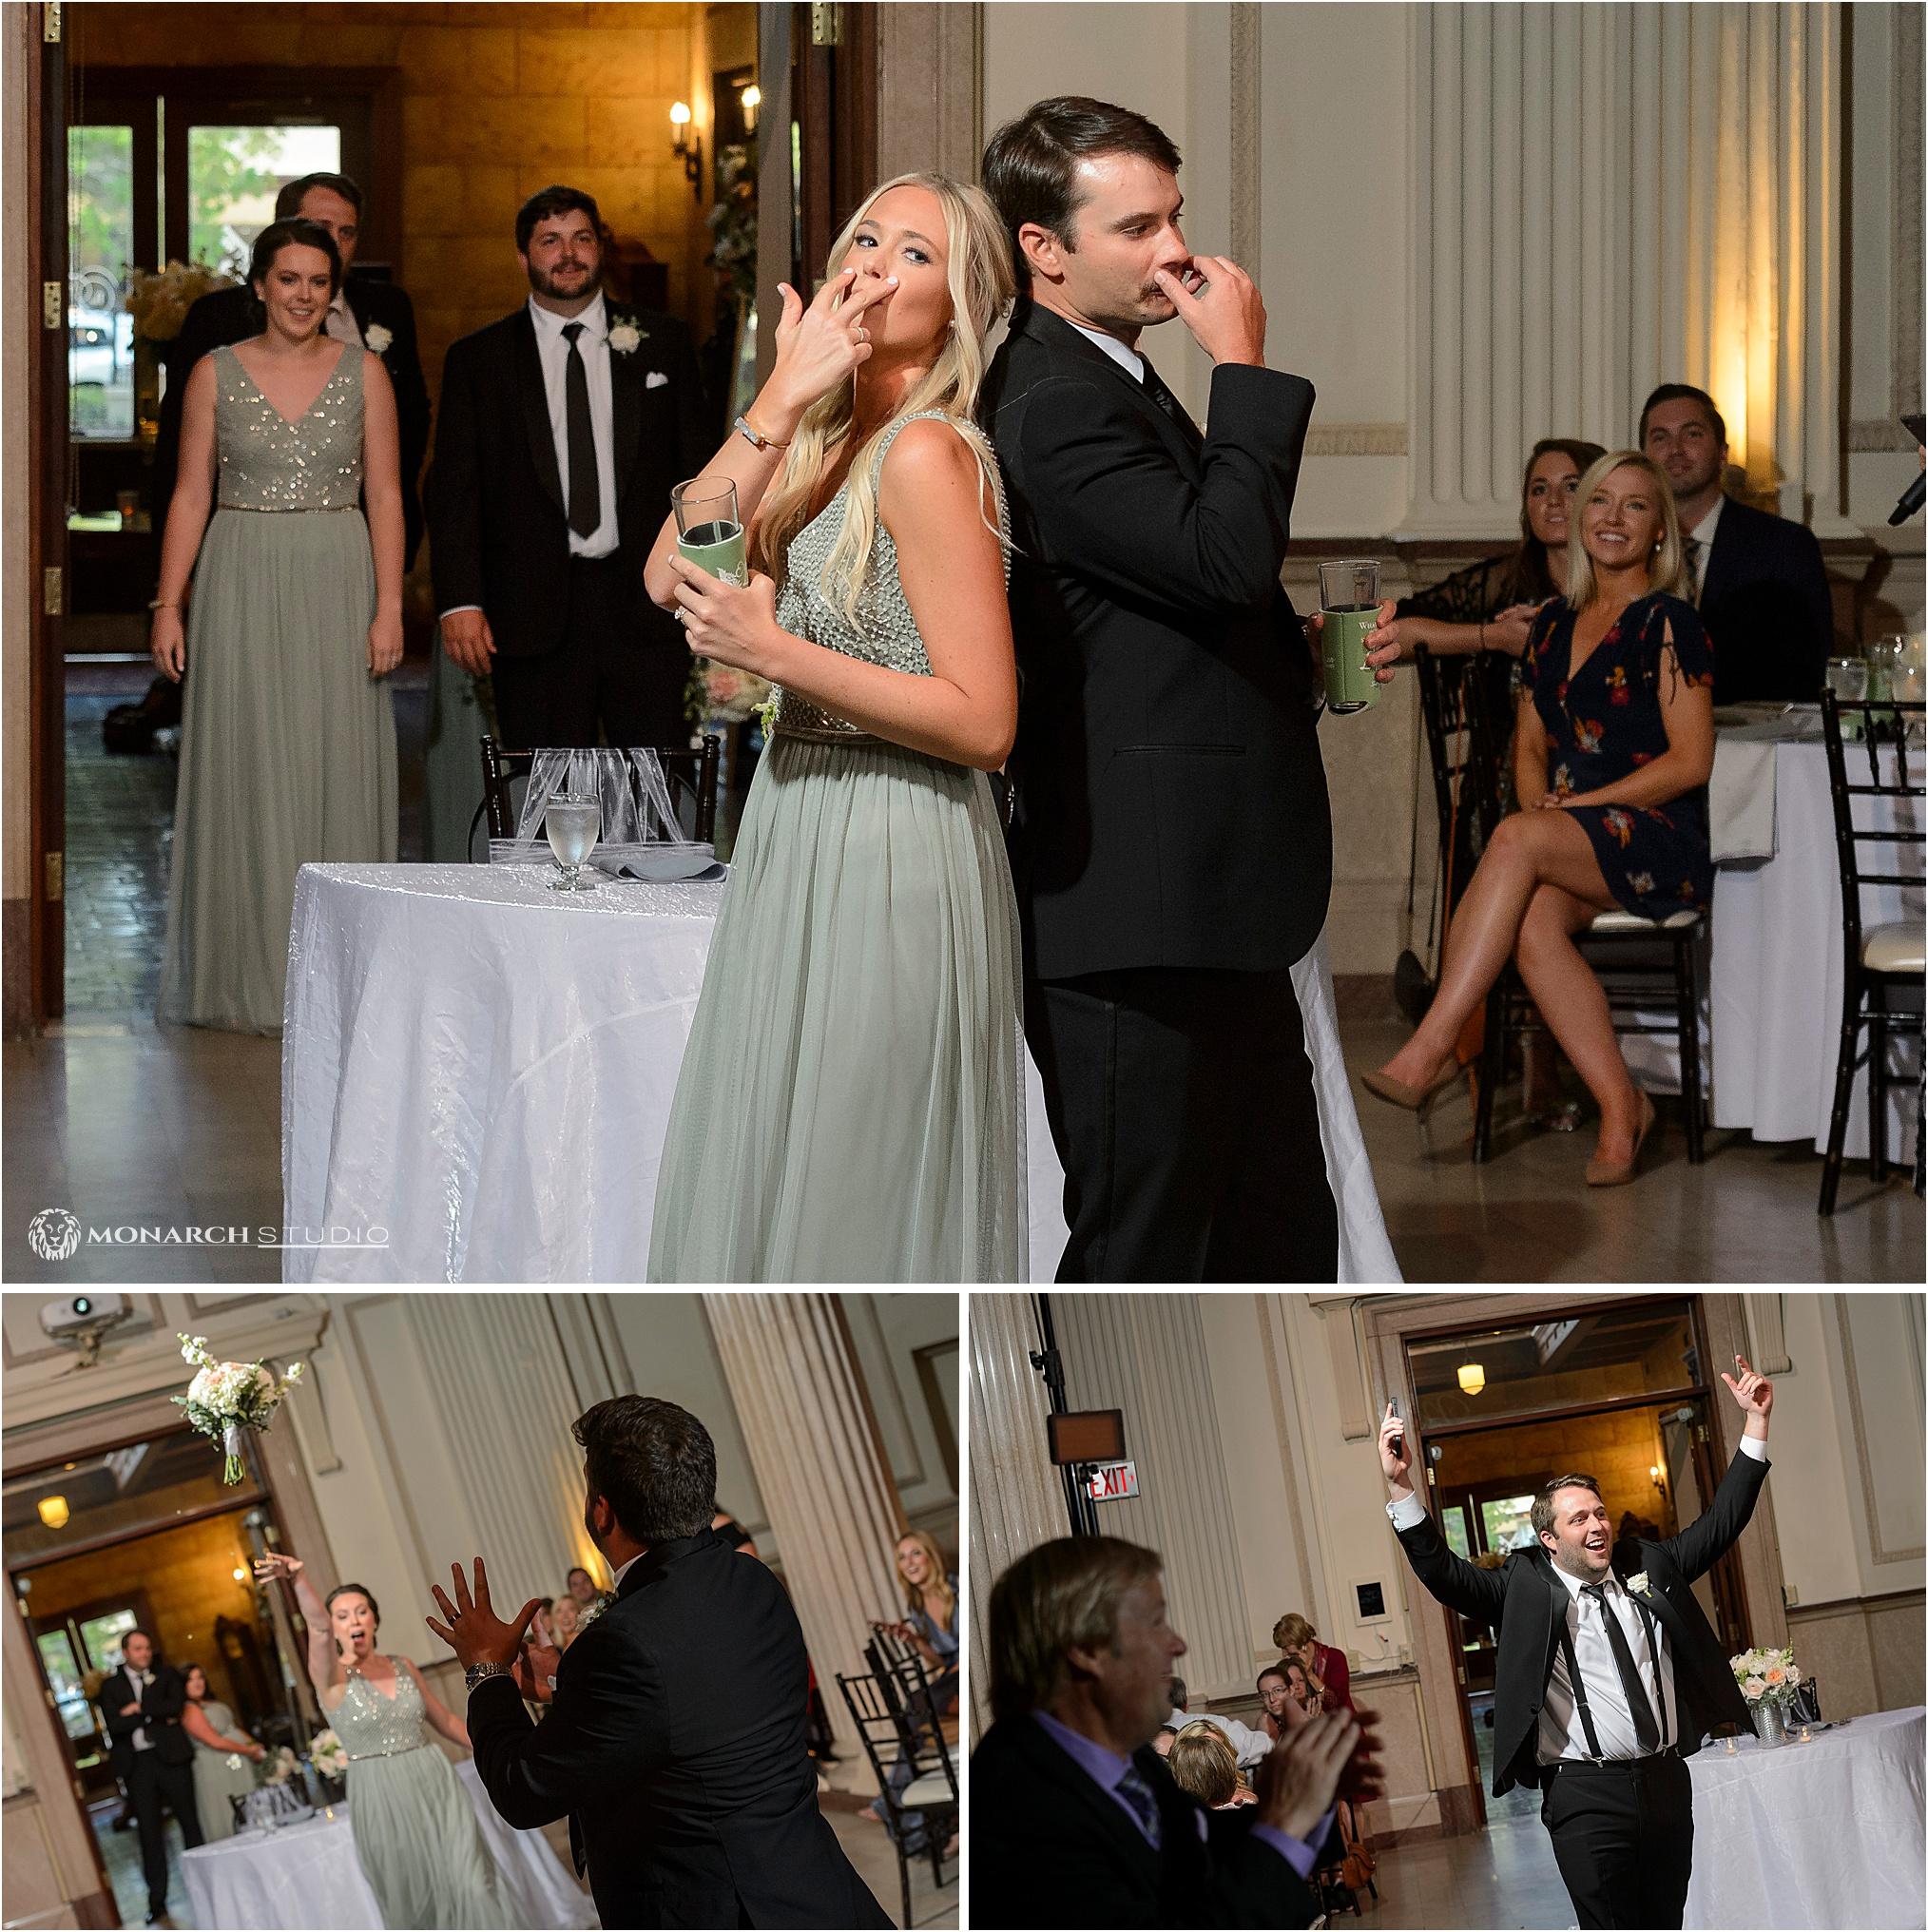 Wedding-PHotographer-in-st-augustine-2019-091.jpg